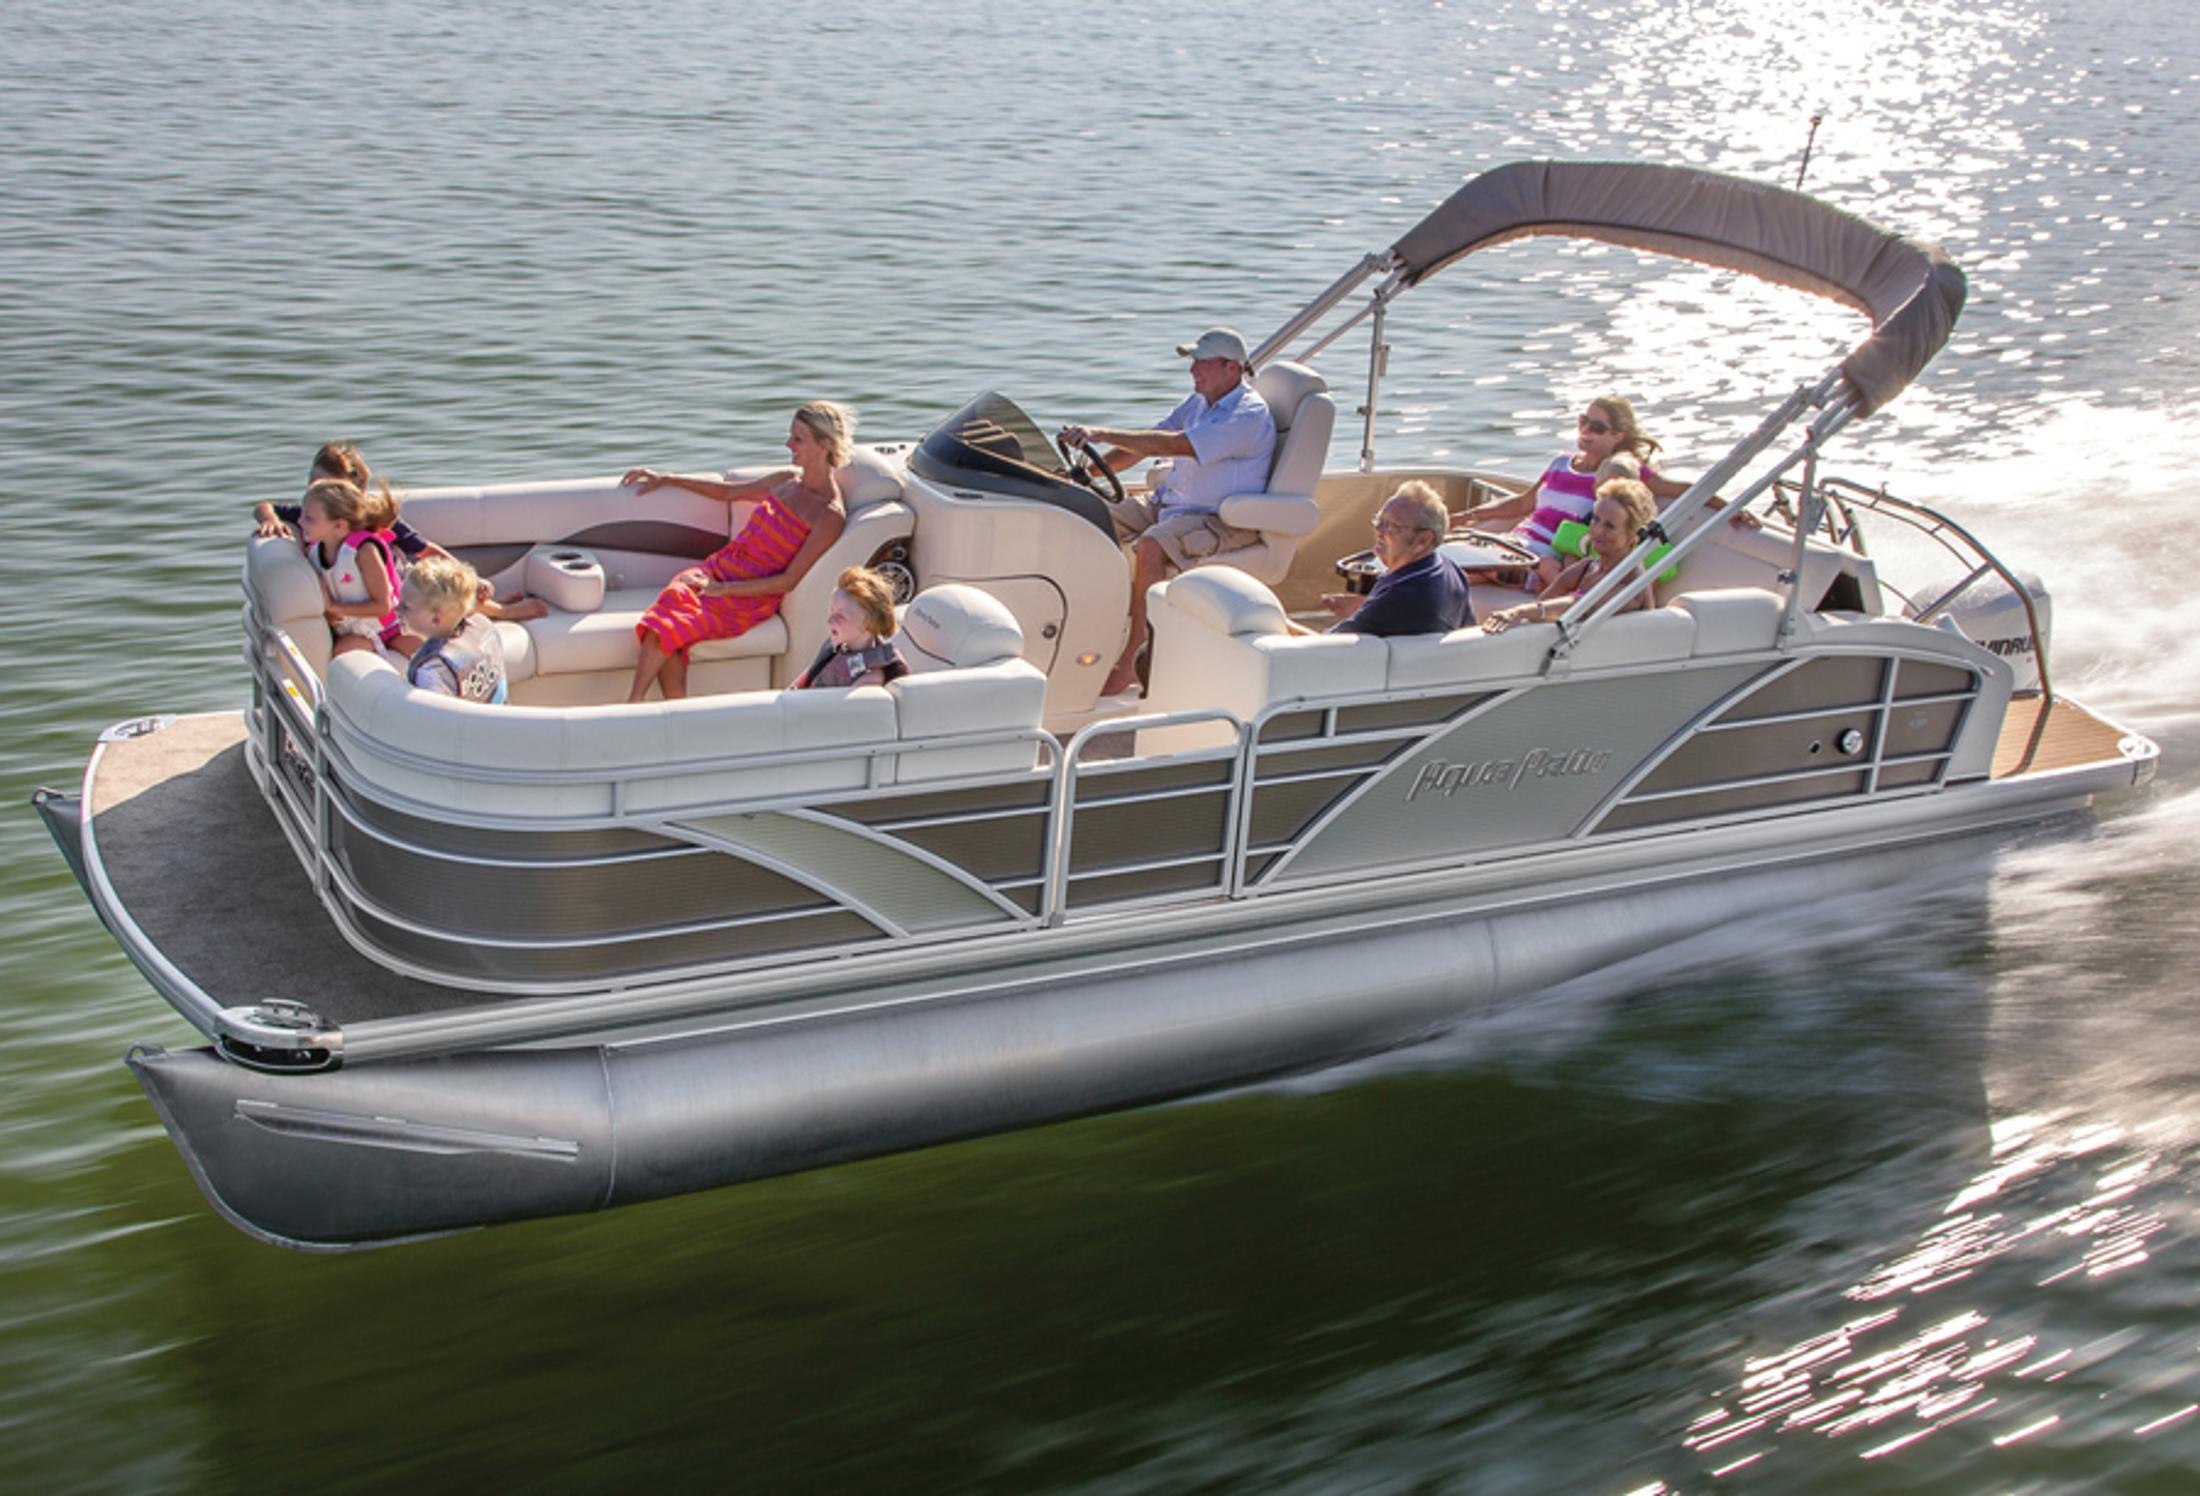 New 2014 Aqua Patio 240 OB Elite Power Boats Outboard in Lafayette LA